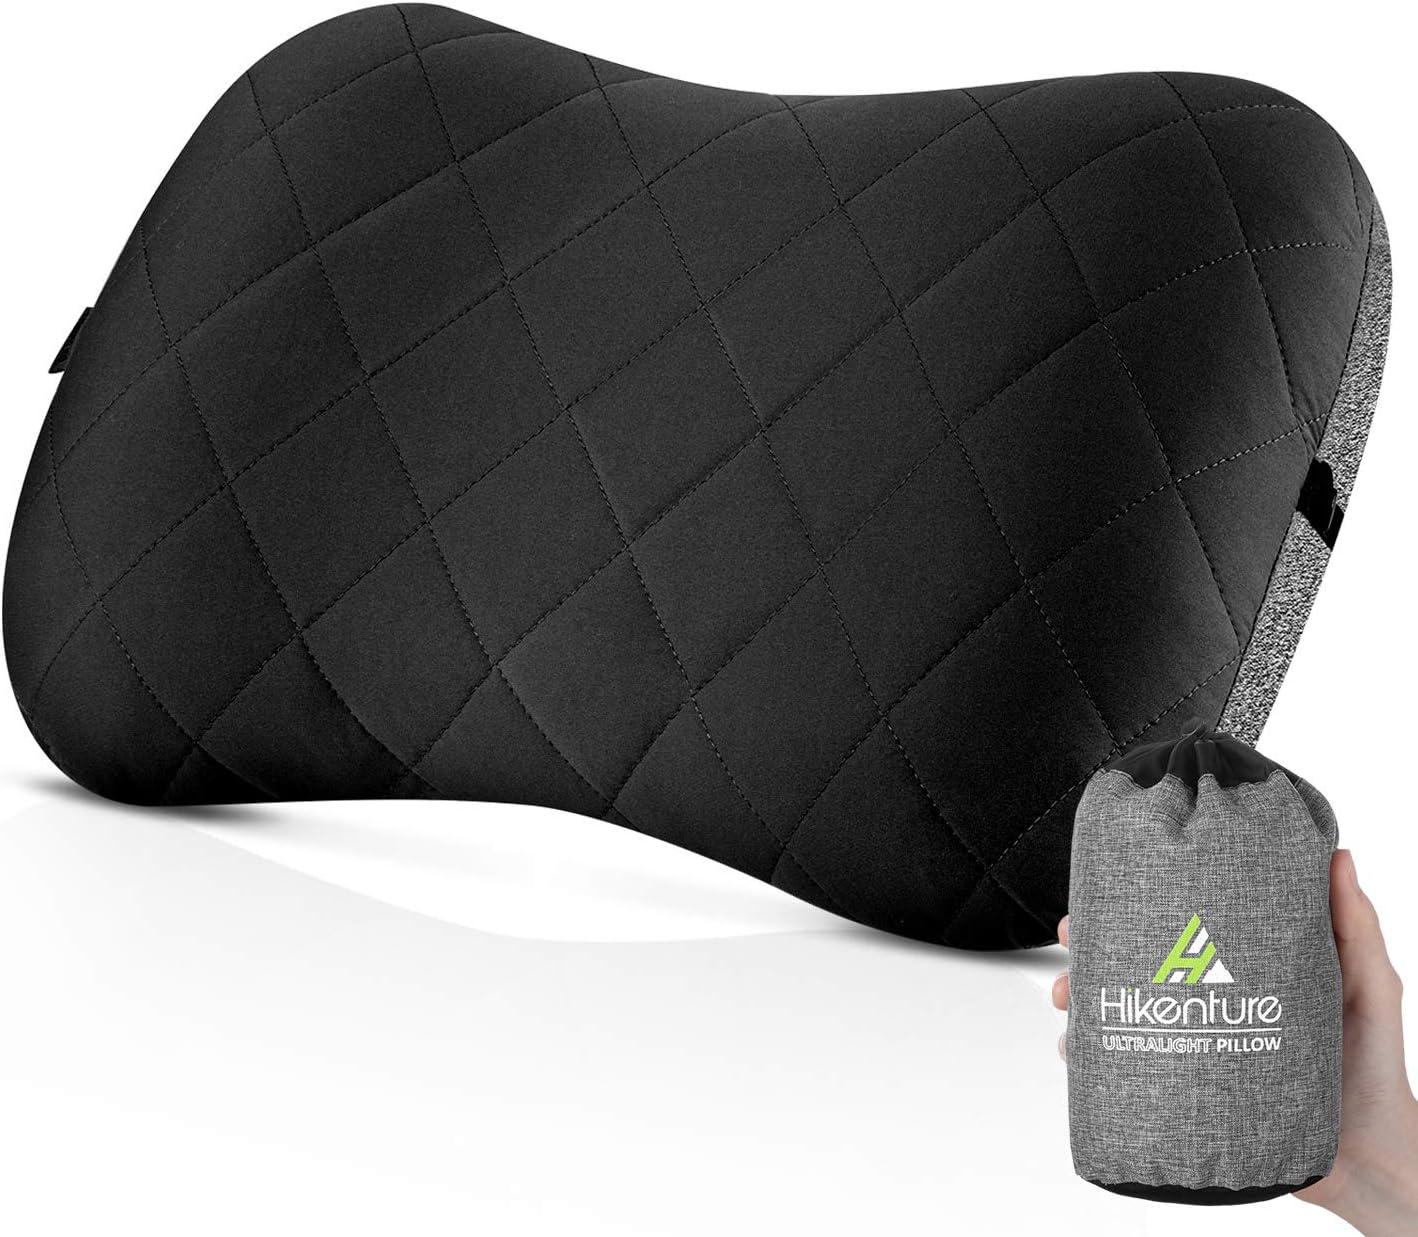 Hikenture Camping Pillow